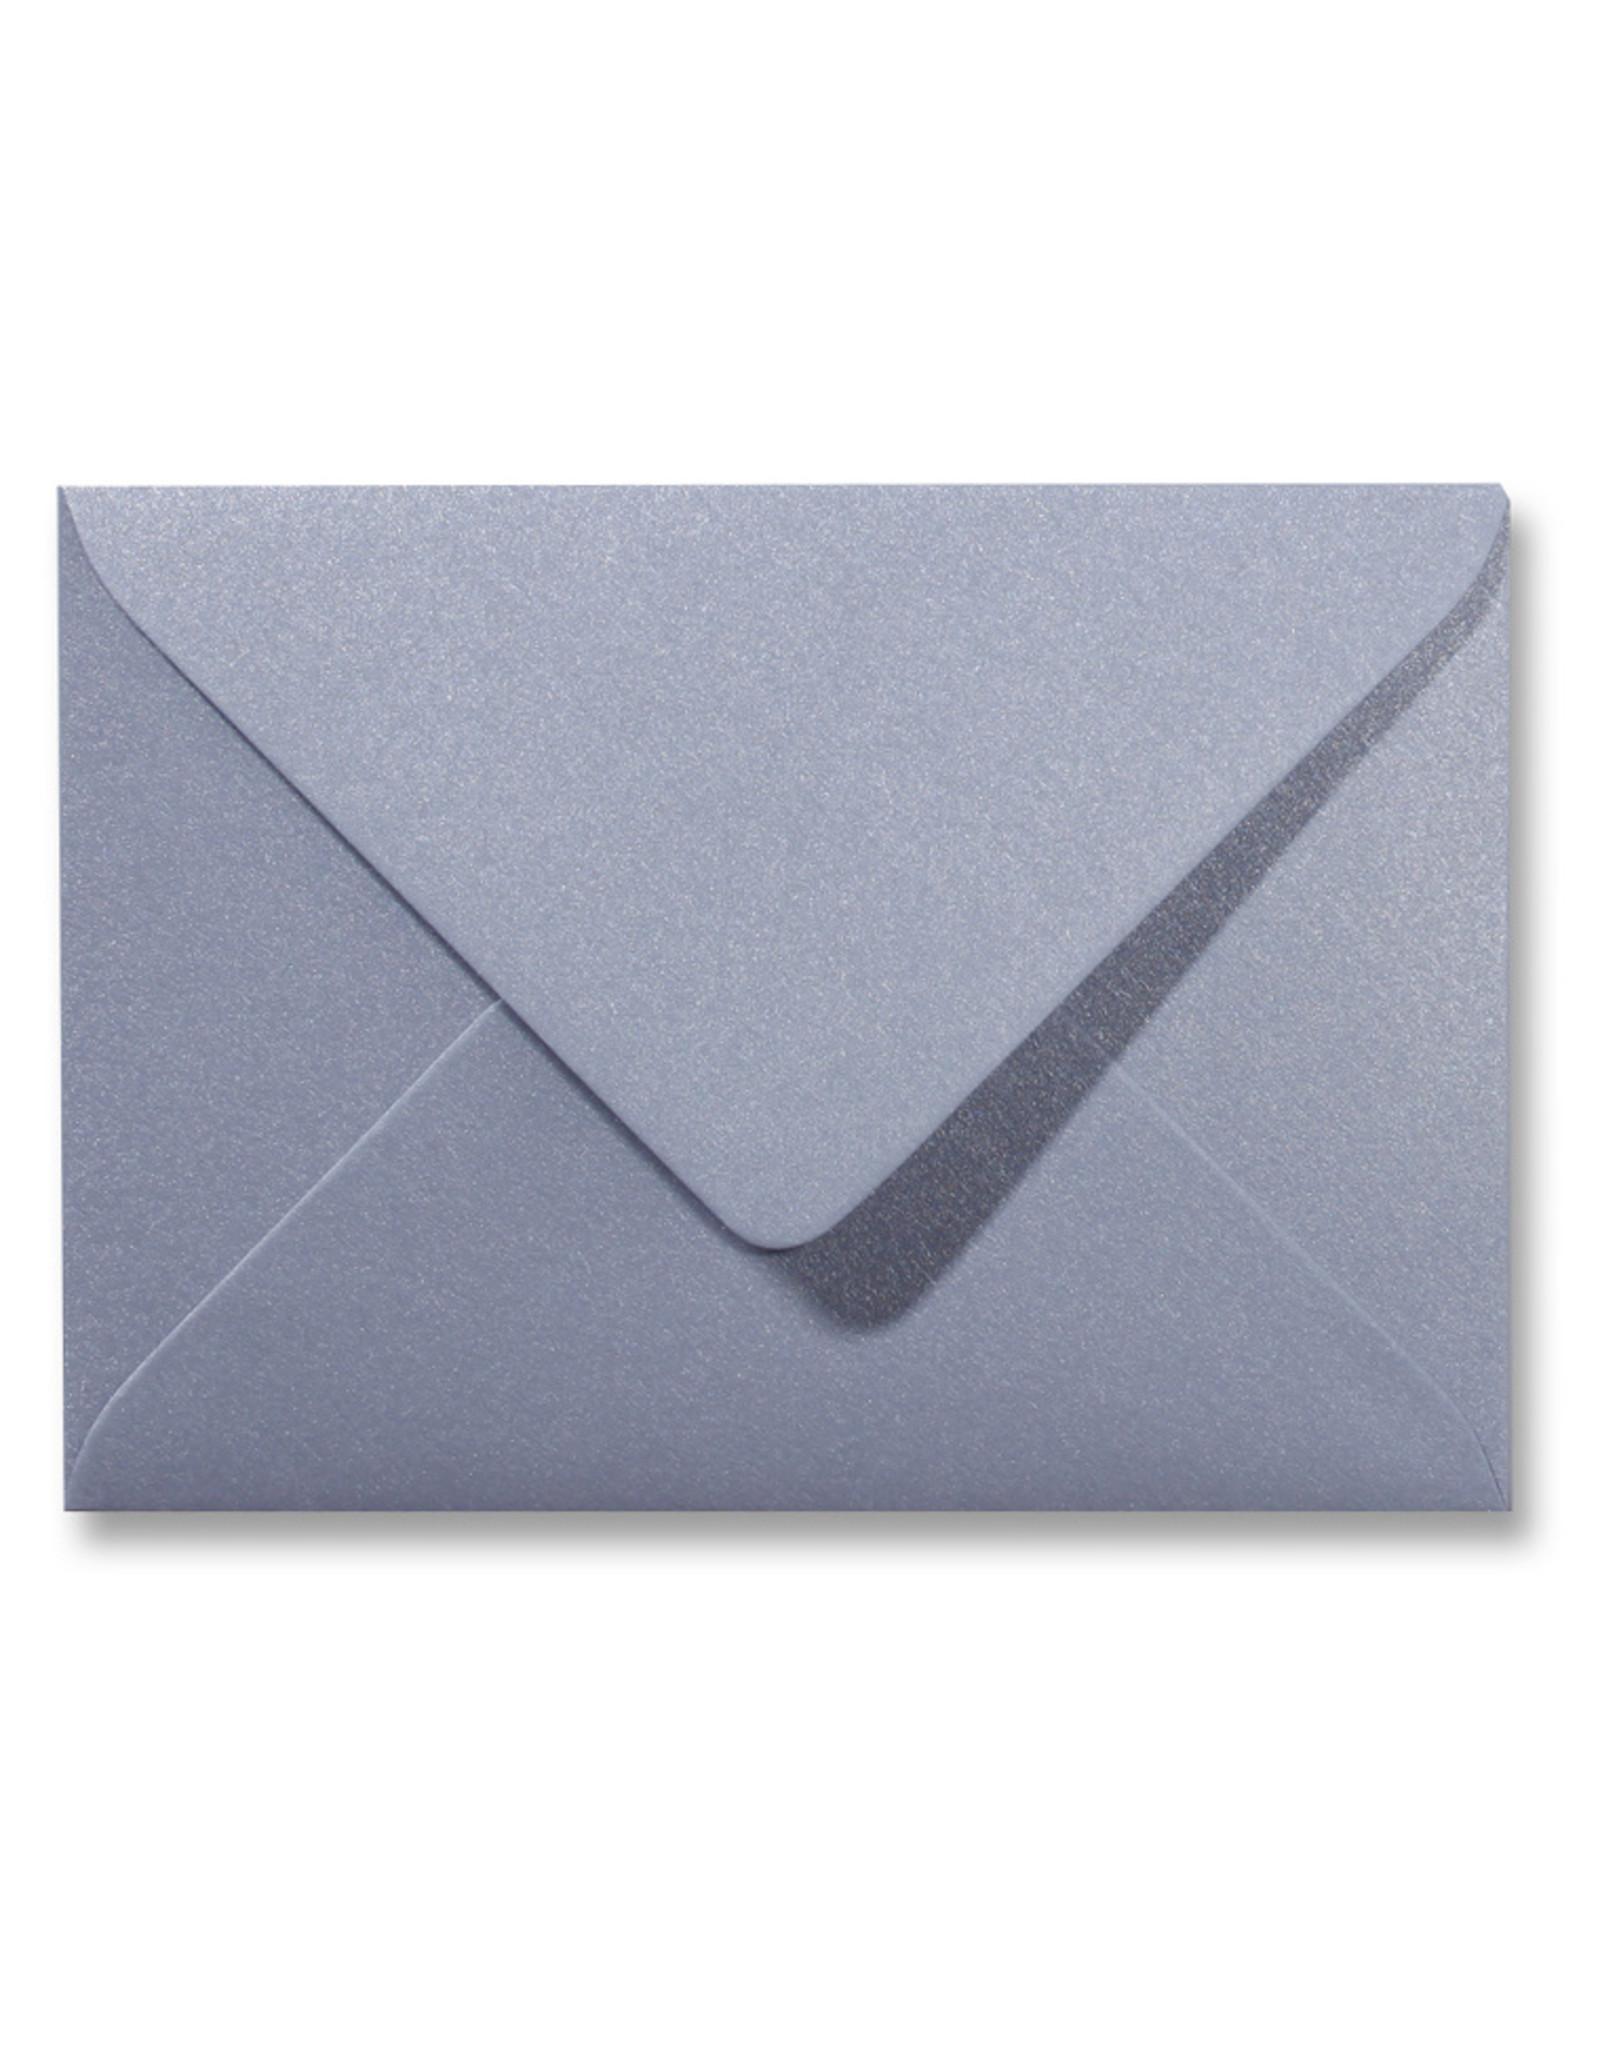 www.Robin.cards Blanco metallic envelop Zilver